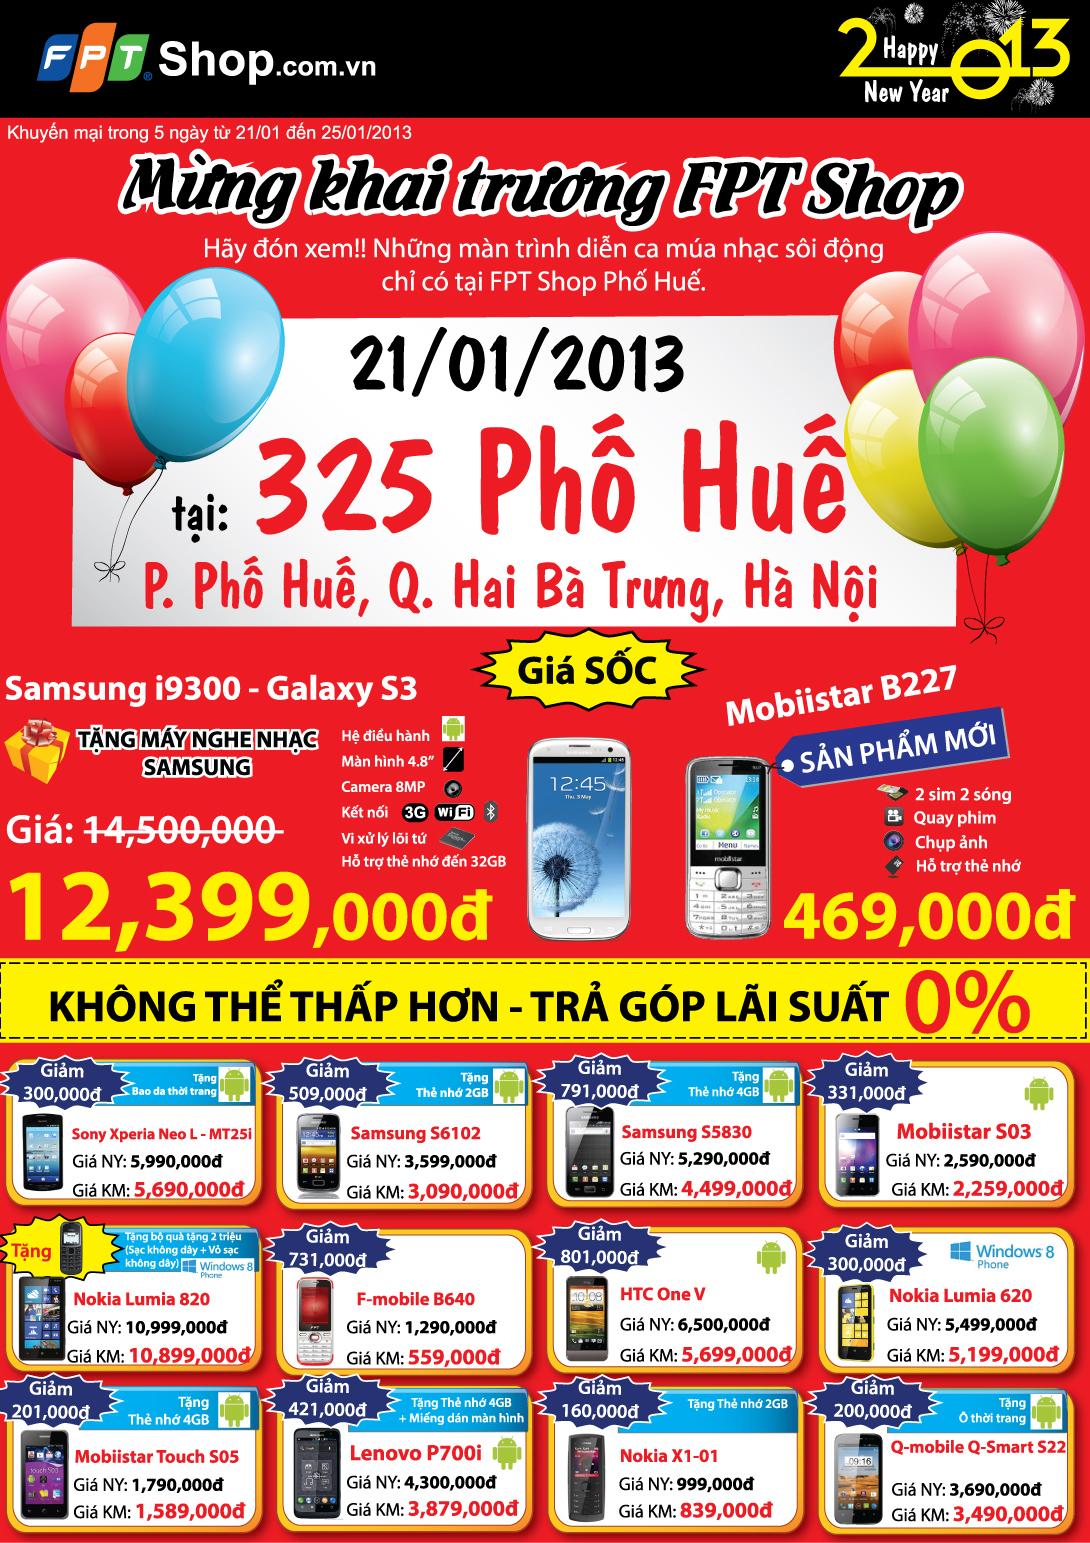 Khai truong Pho Hue Ha Noi 2